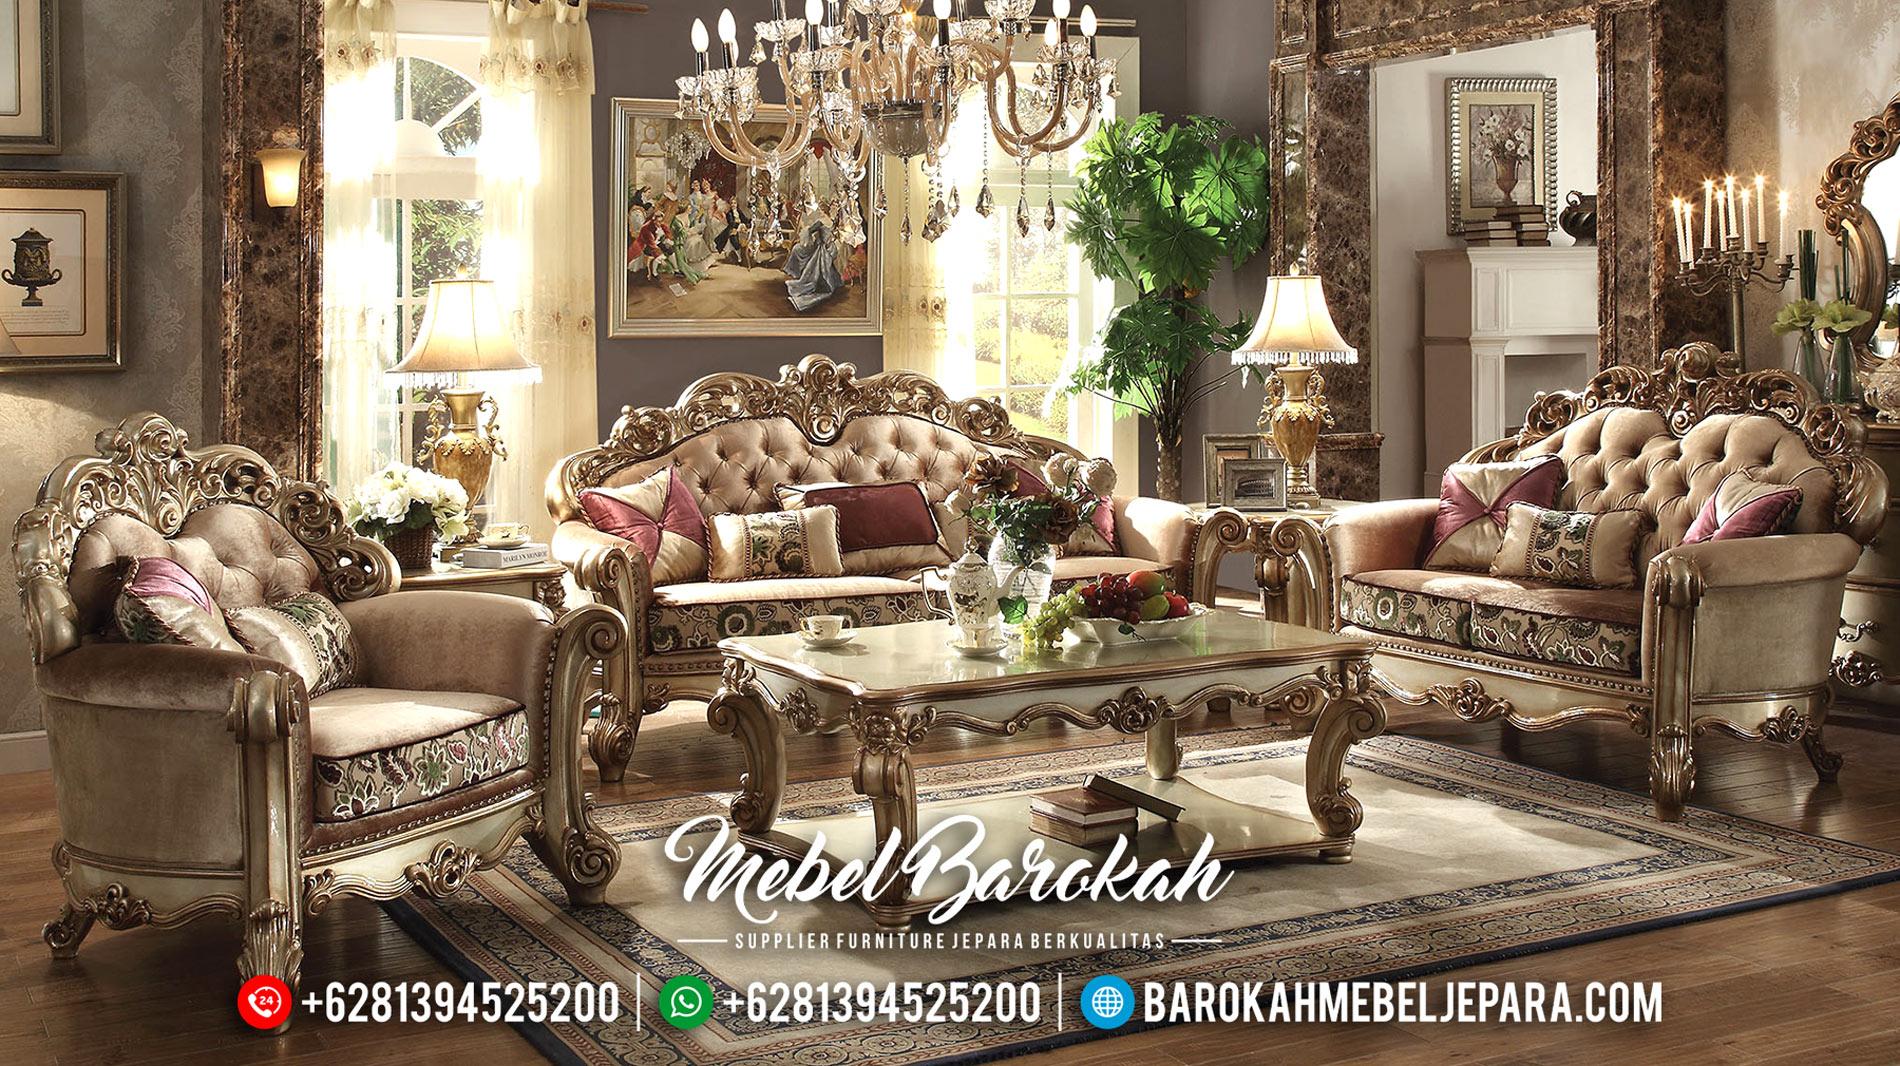 Sofa Tamu Jepara Terbaru Model Mewah Klasik Furniture HD MB-0127